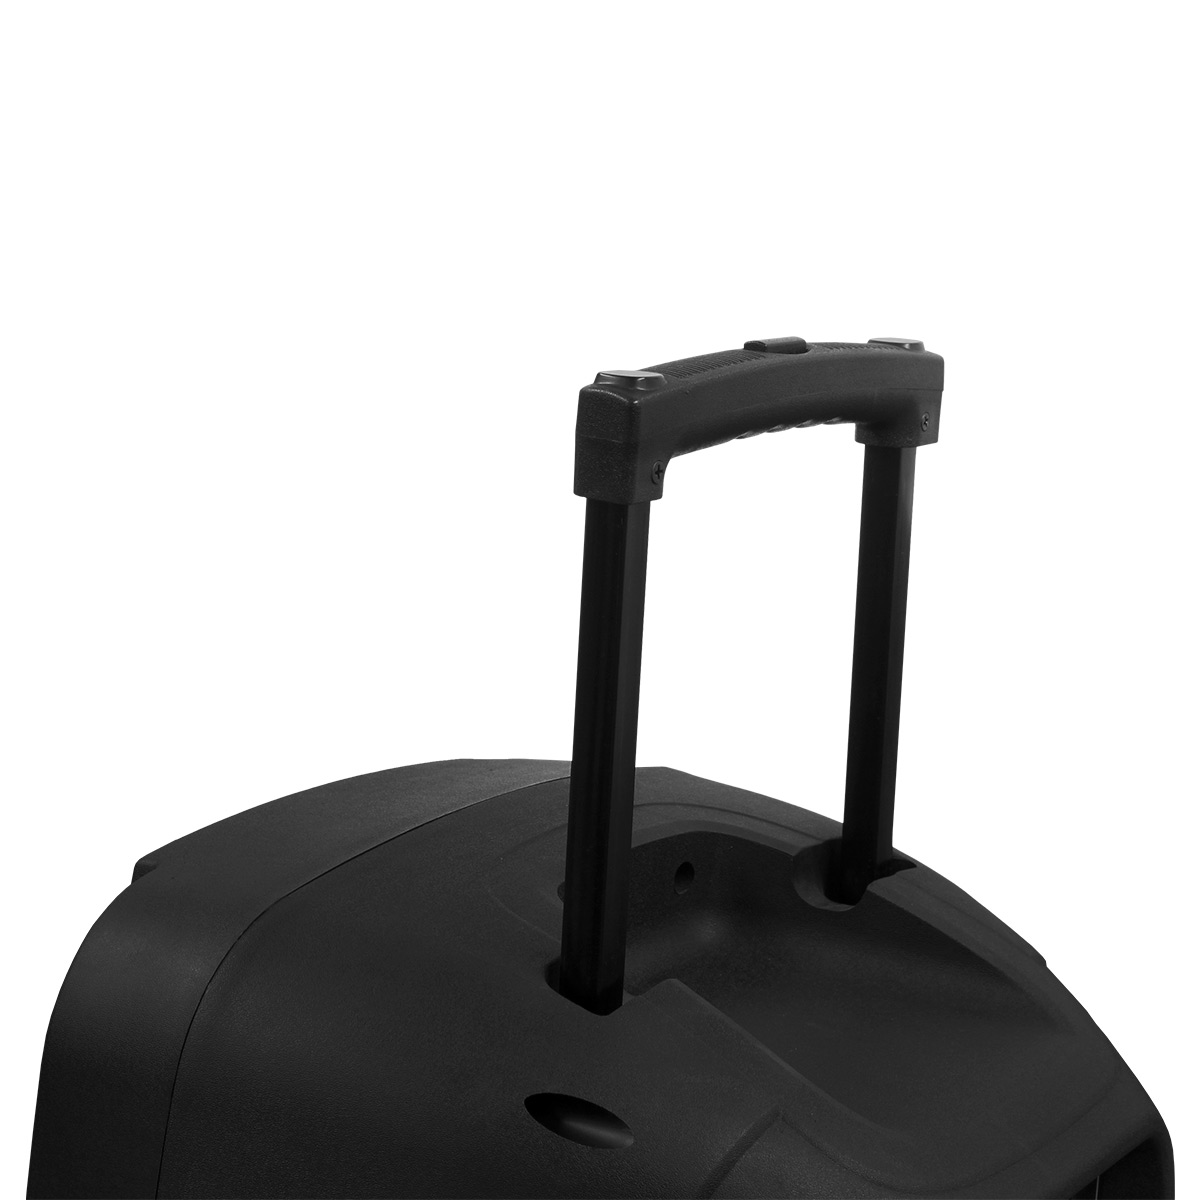 10BT - Caixa Ativa 50W c/ Bluetooth e USB Rolling Sound 10 BT - Novik Neo